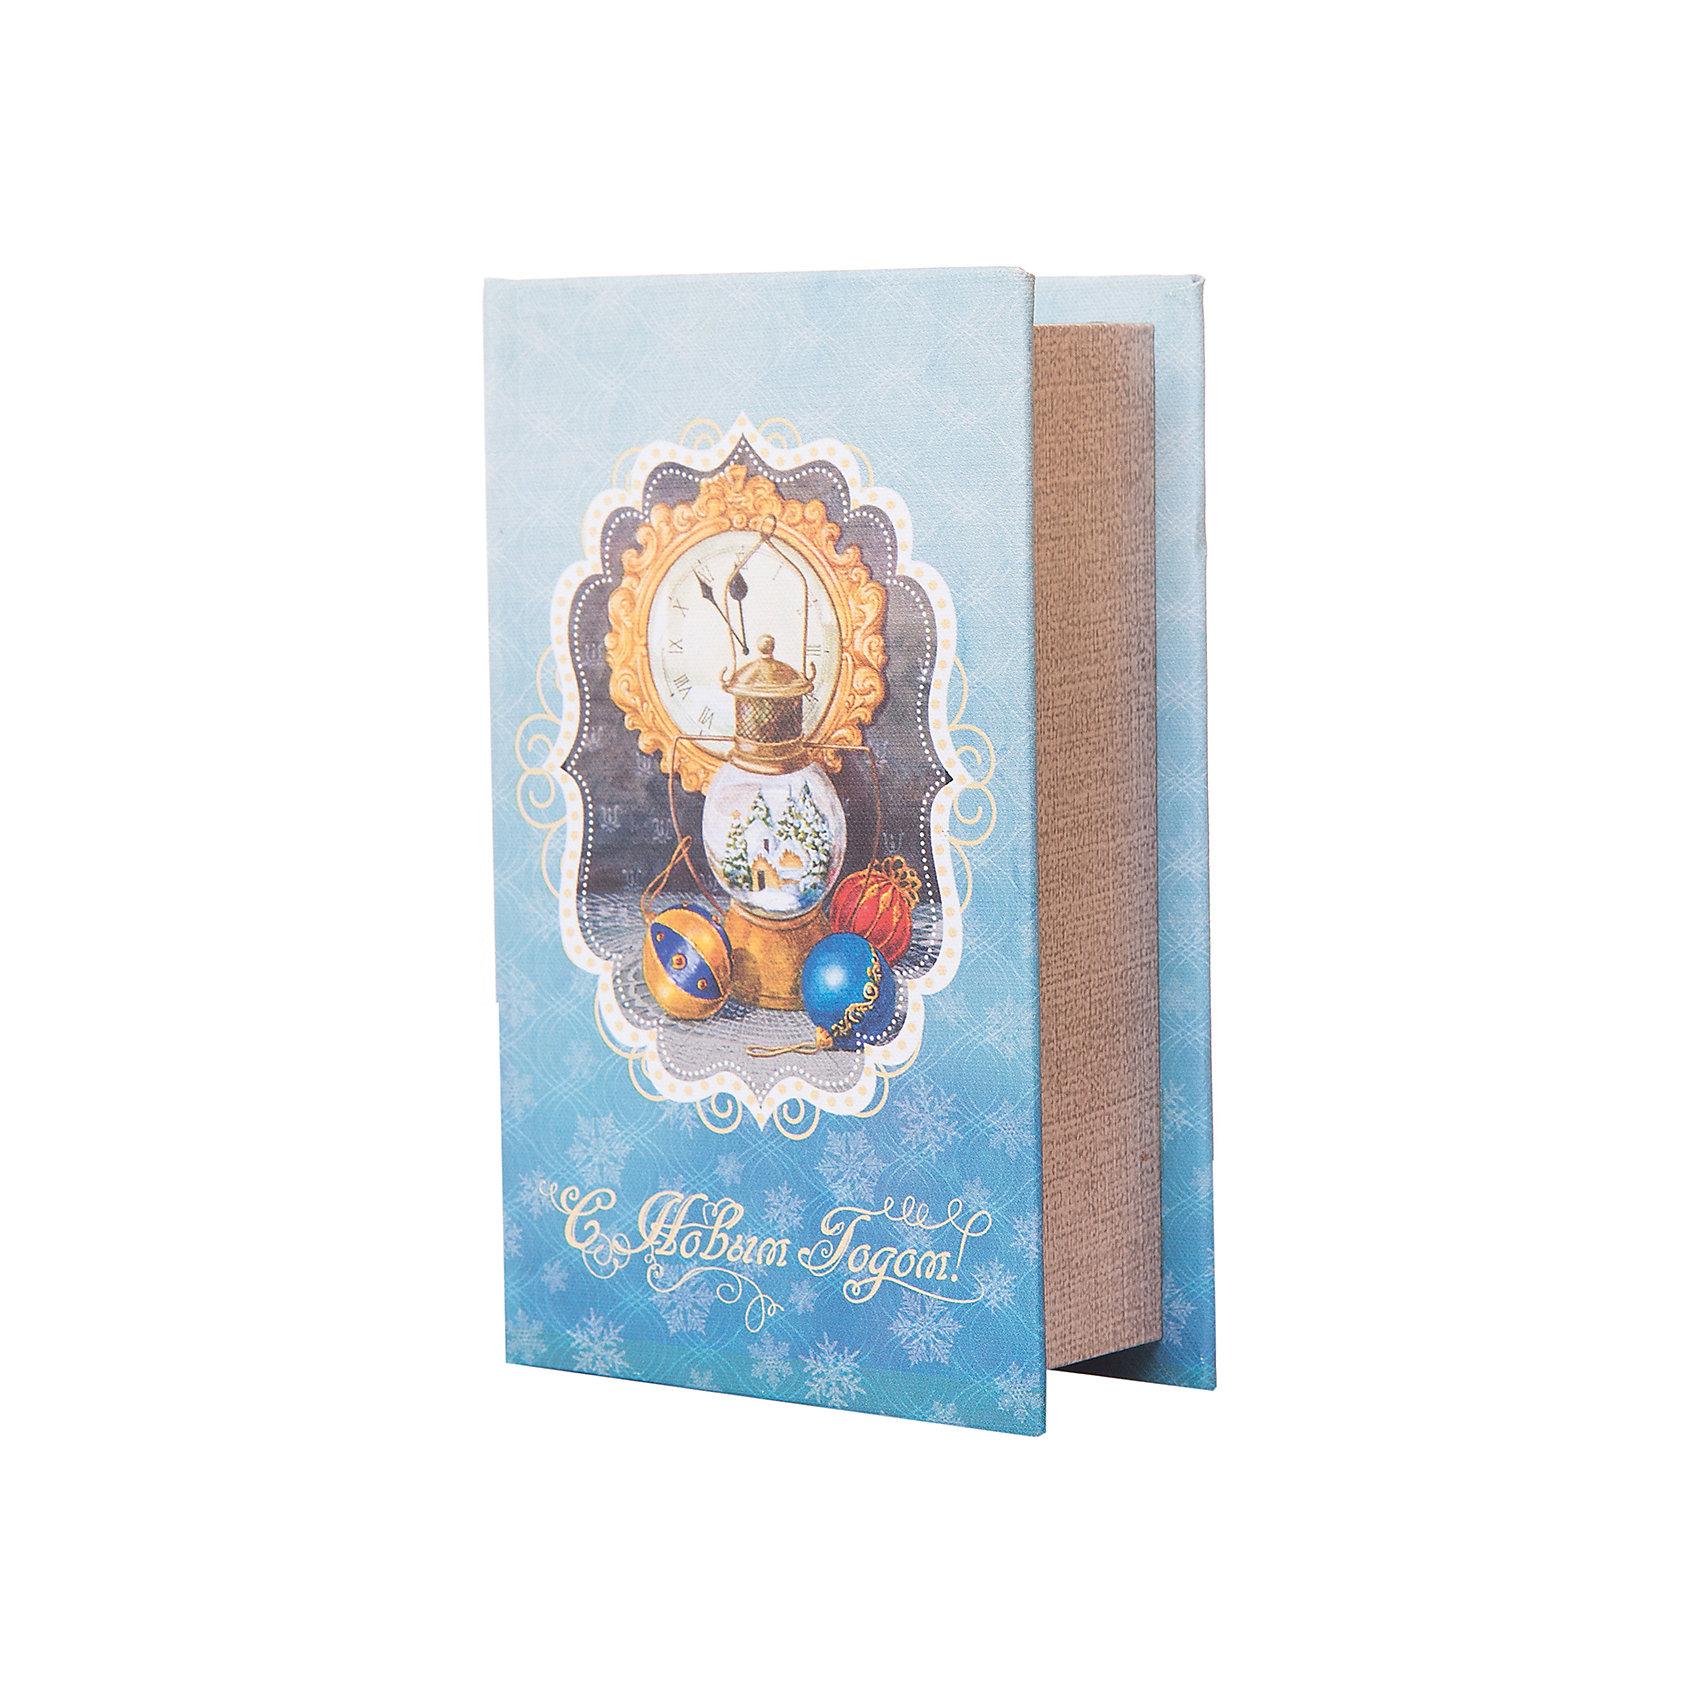 Феникс-Презент Декоративная шкатулка Новогодняя лампа (17*11*5, из МДФ) шкатулка декоративная zw001080 28 5 20 5 7см